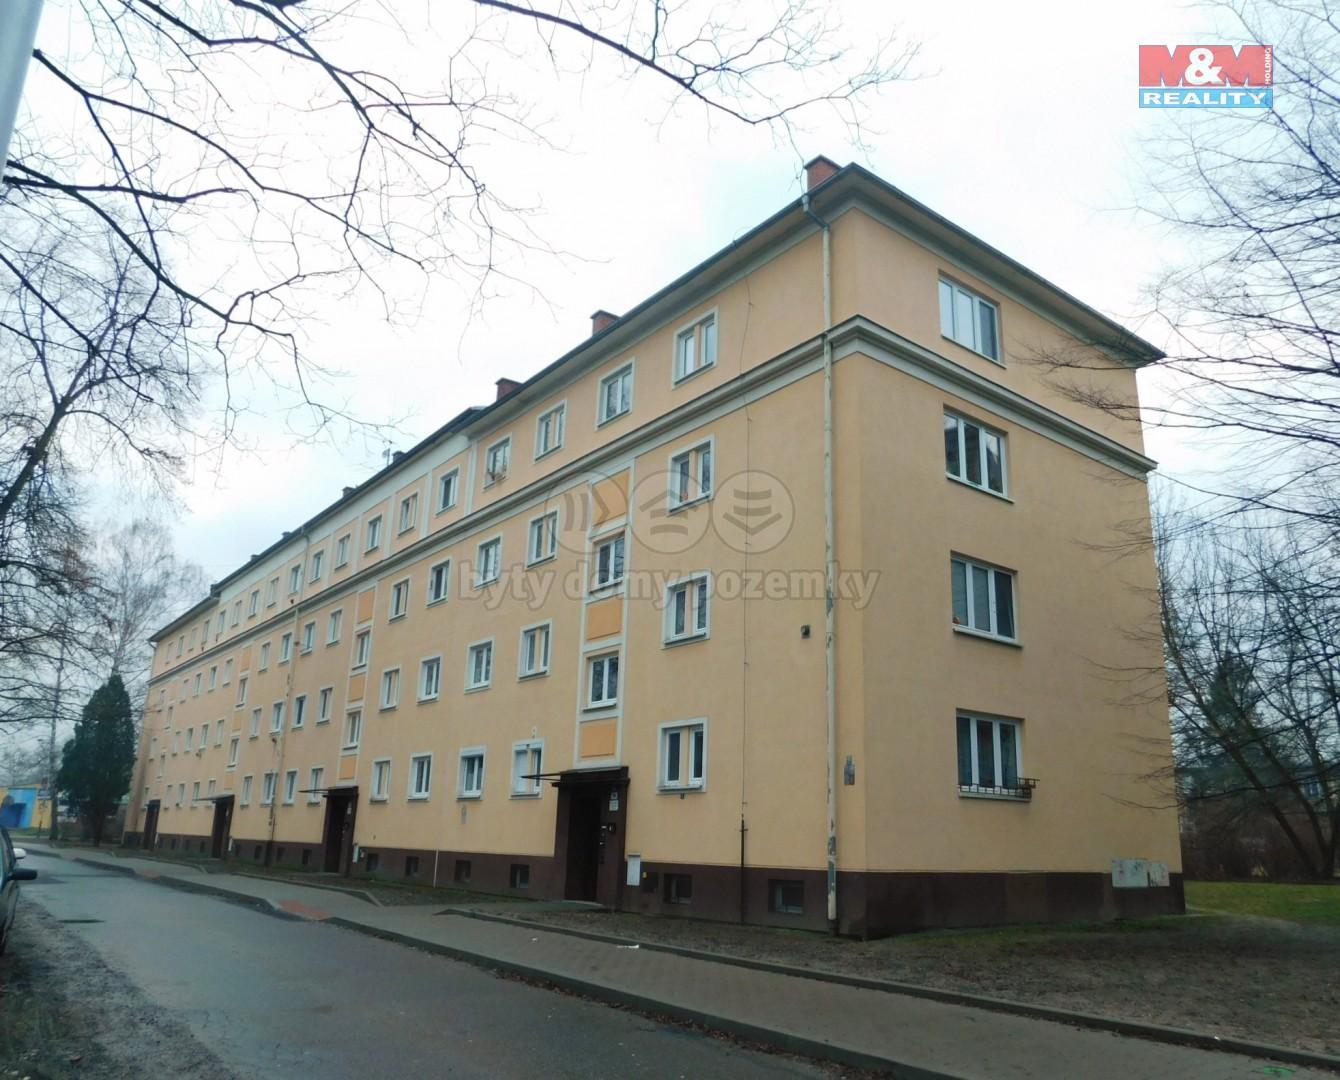 Prodej, byt 2+1, 55 m2, Ostrava - Zábřeh, ul. Gerasimovova